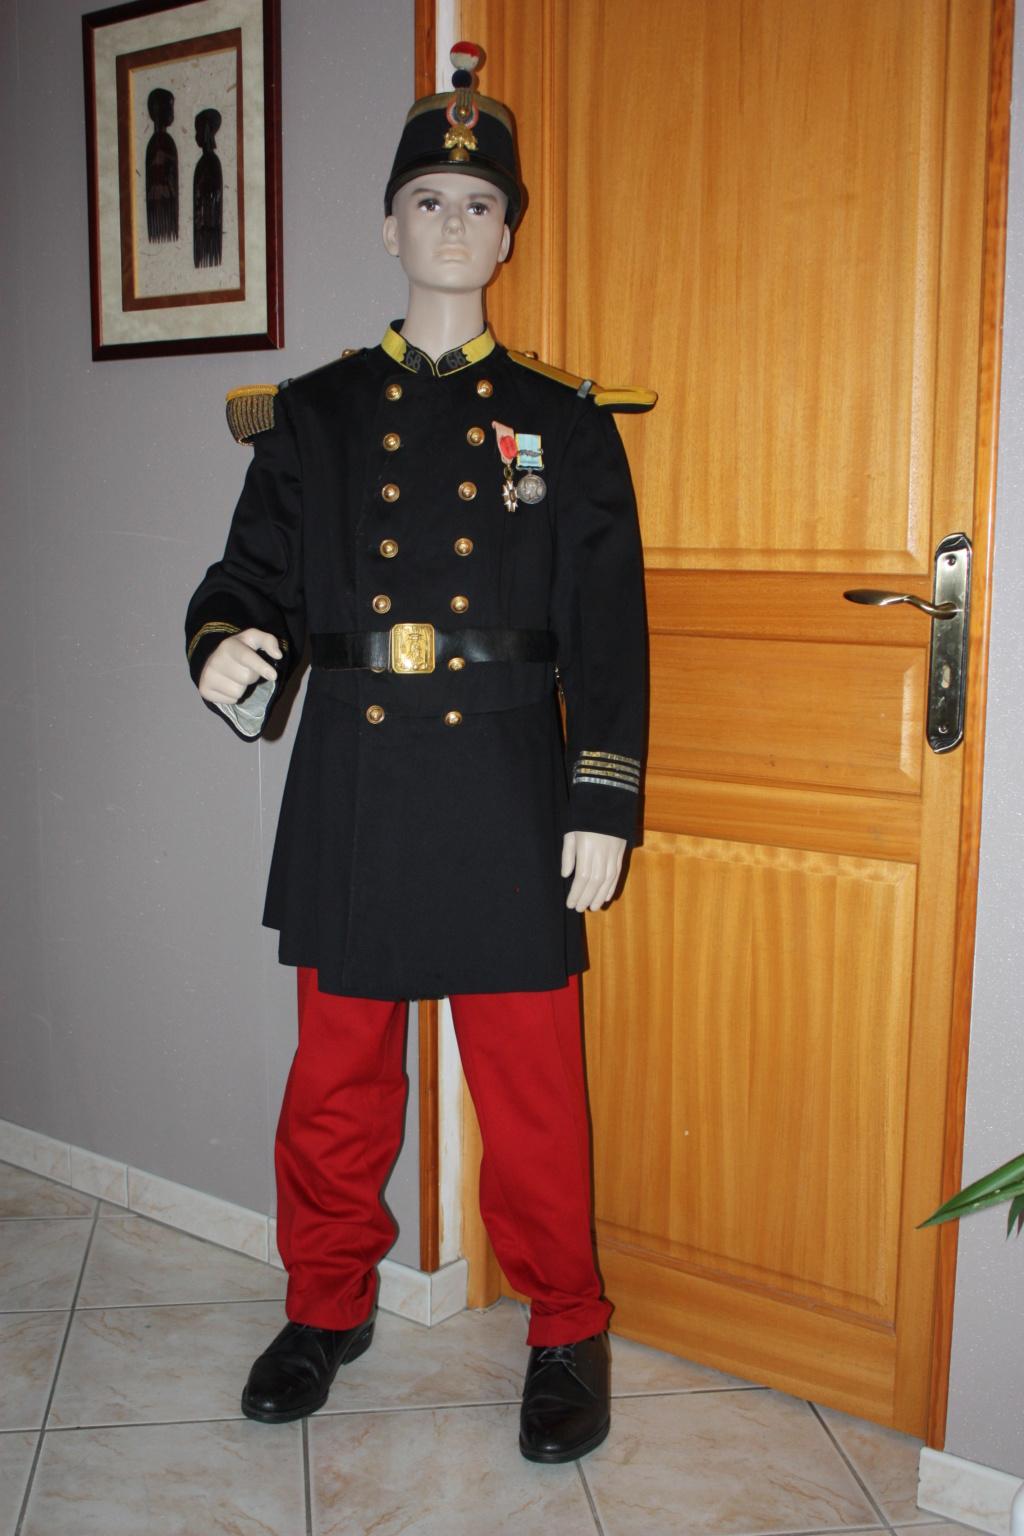 l'uniforme 1872 de mon arrière arrière grand père  - Page 2 Unifor14